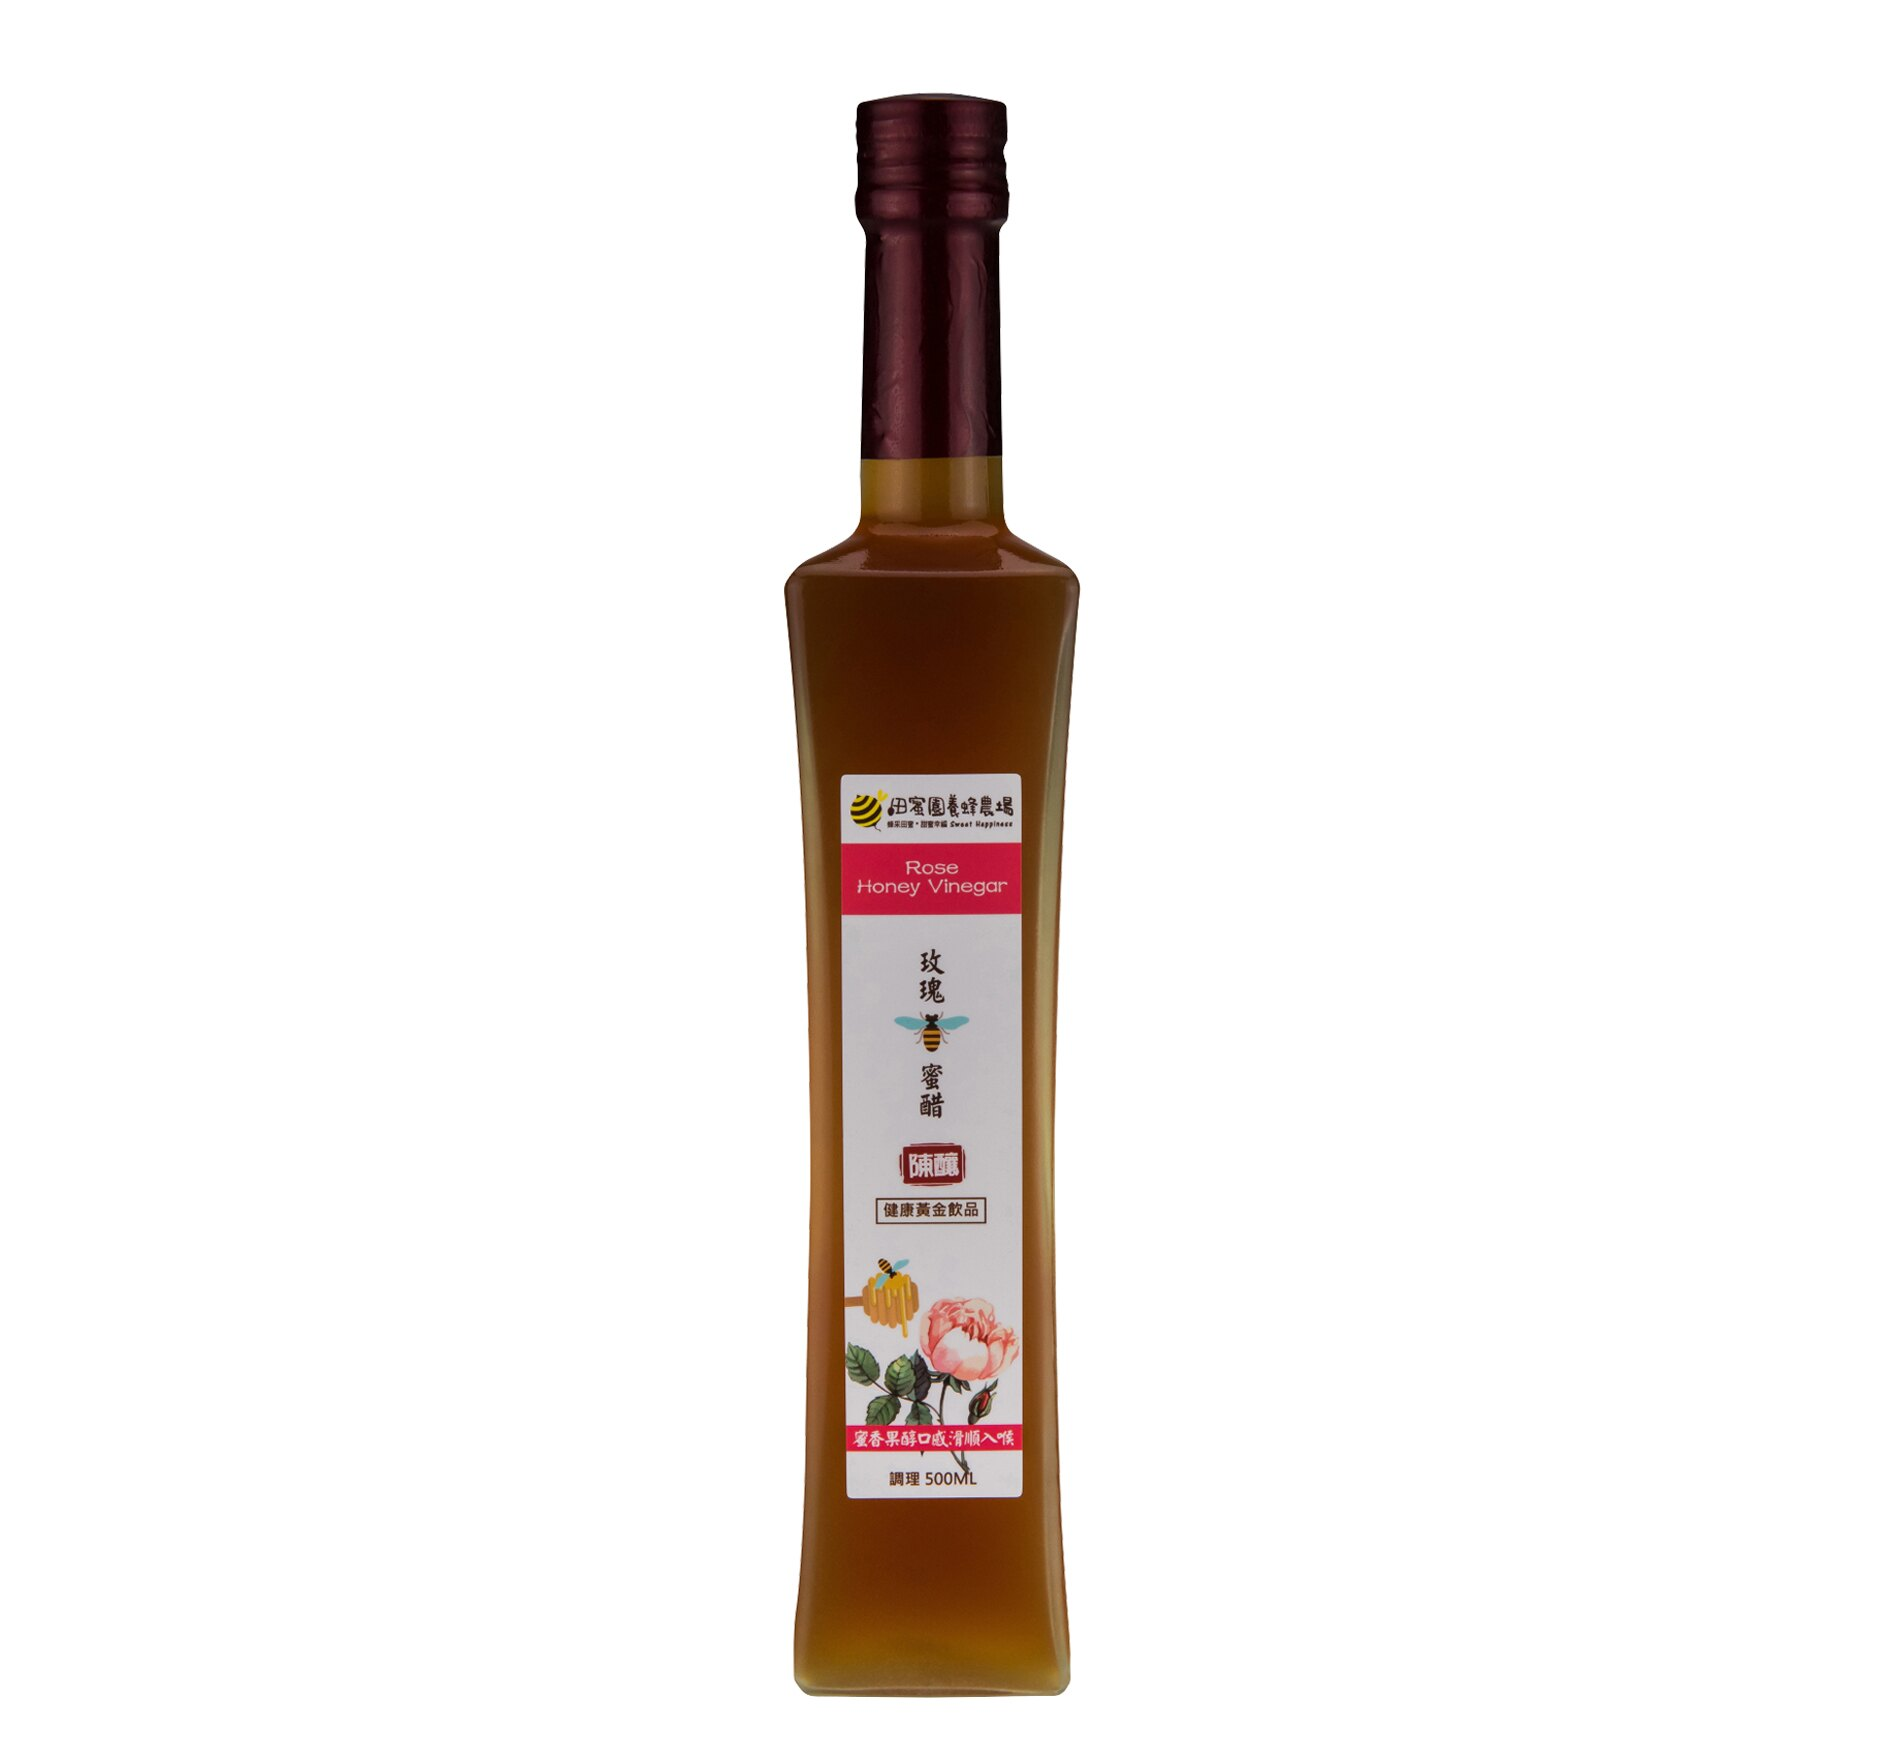 【田蜜園養蜂農場】真味有限公司|玫瑰蜂蜜醋|蜂蜜、蜂花粉、蜂王乳、蜂蜜醋系列